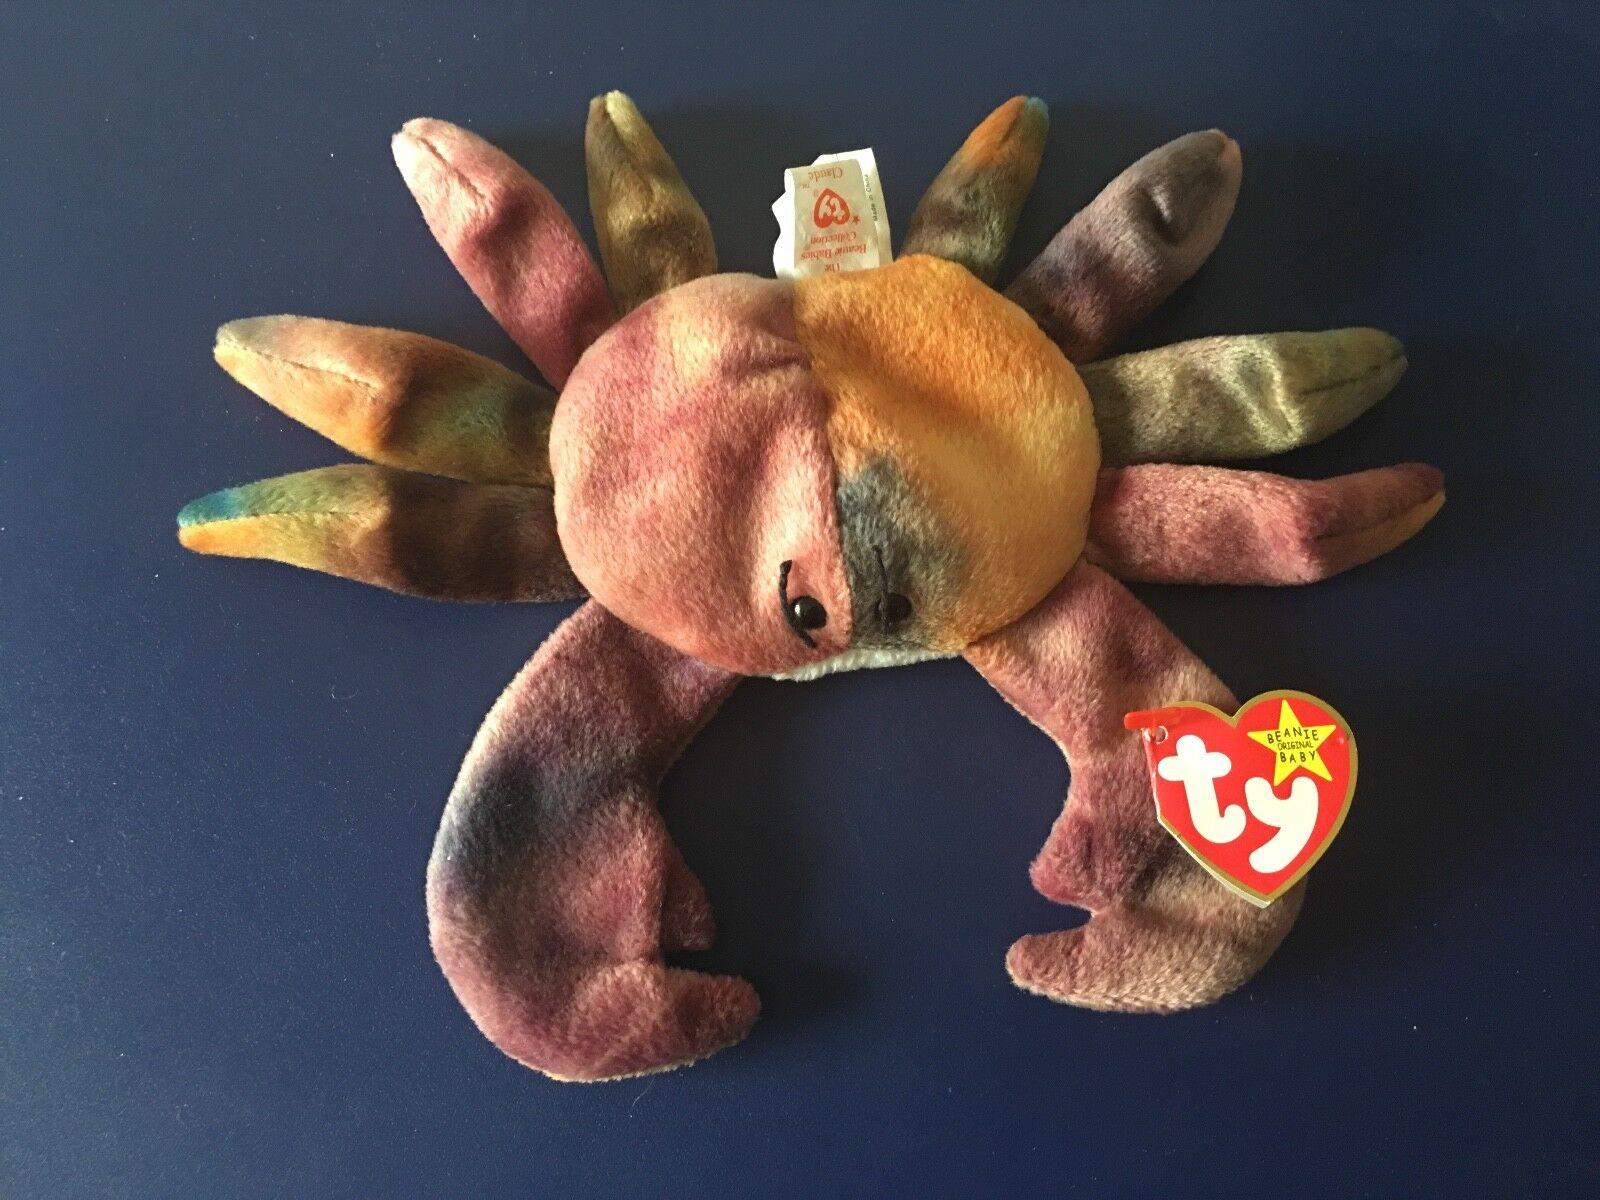 Ty - original beanie baby - claude crab 1996 - fehler - und selten